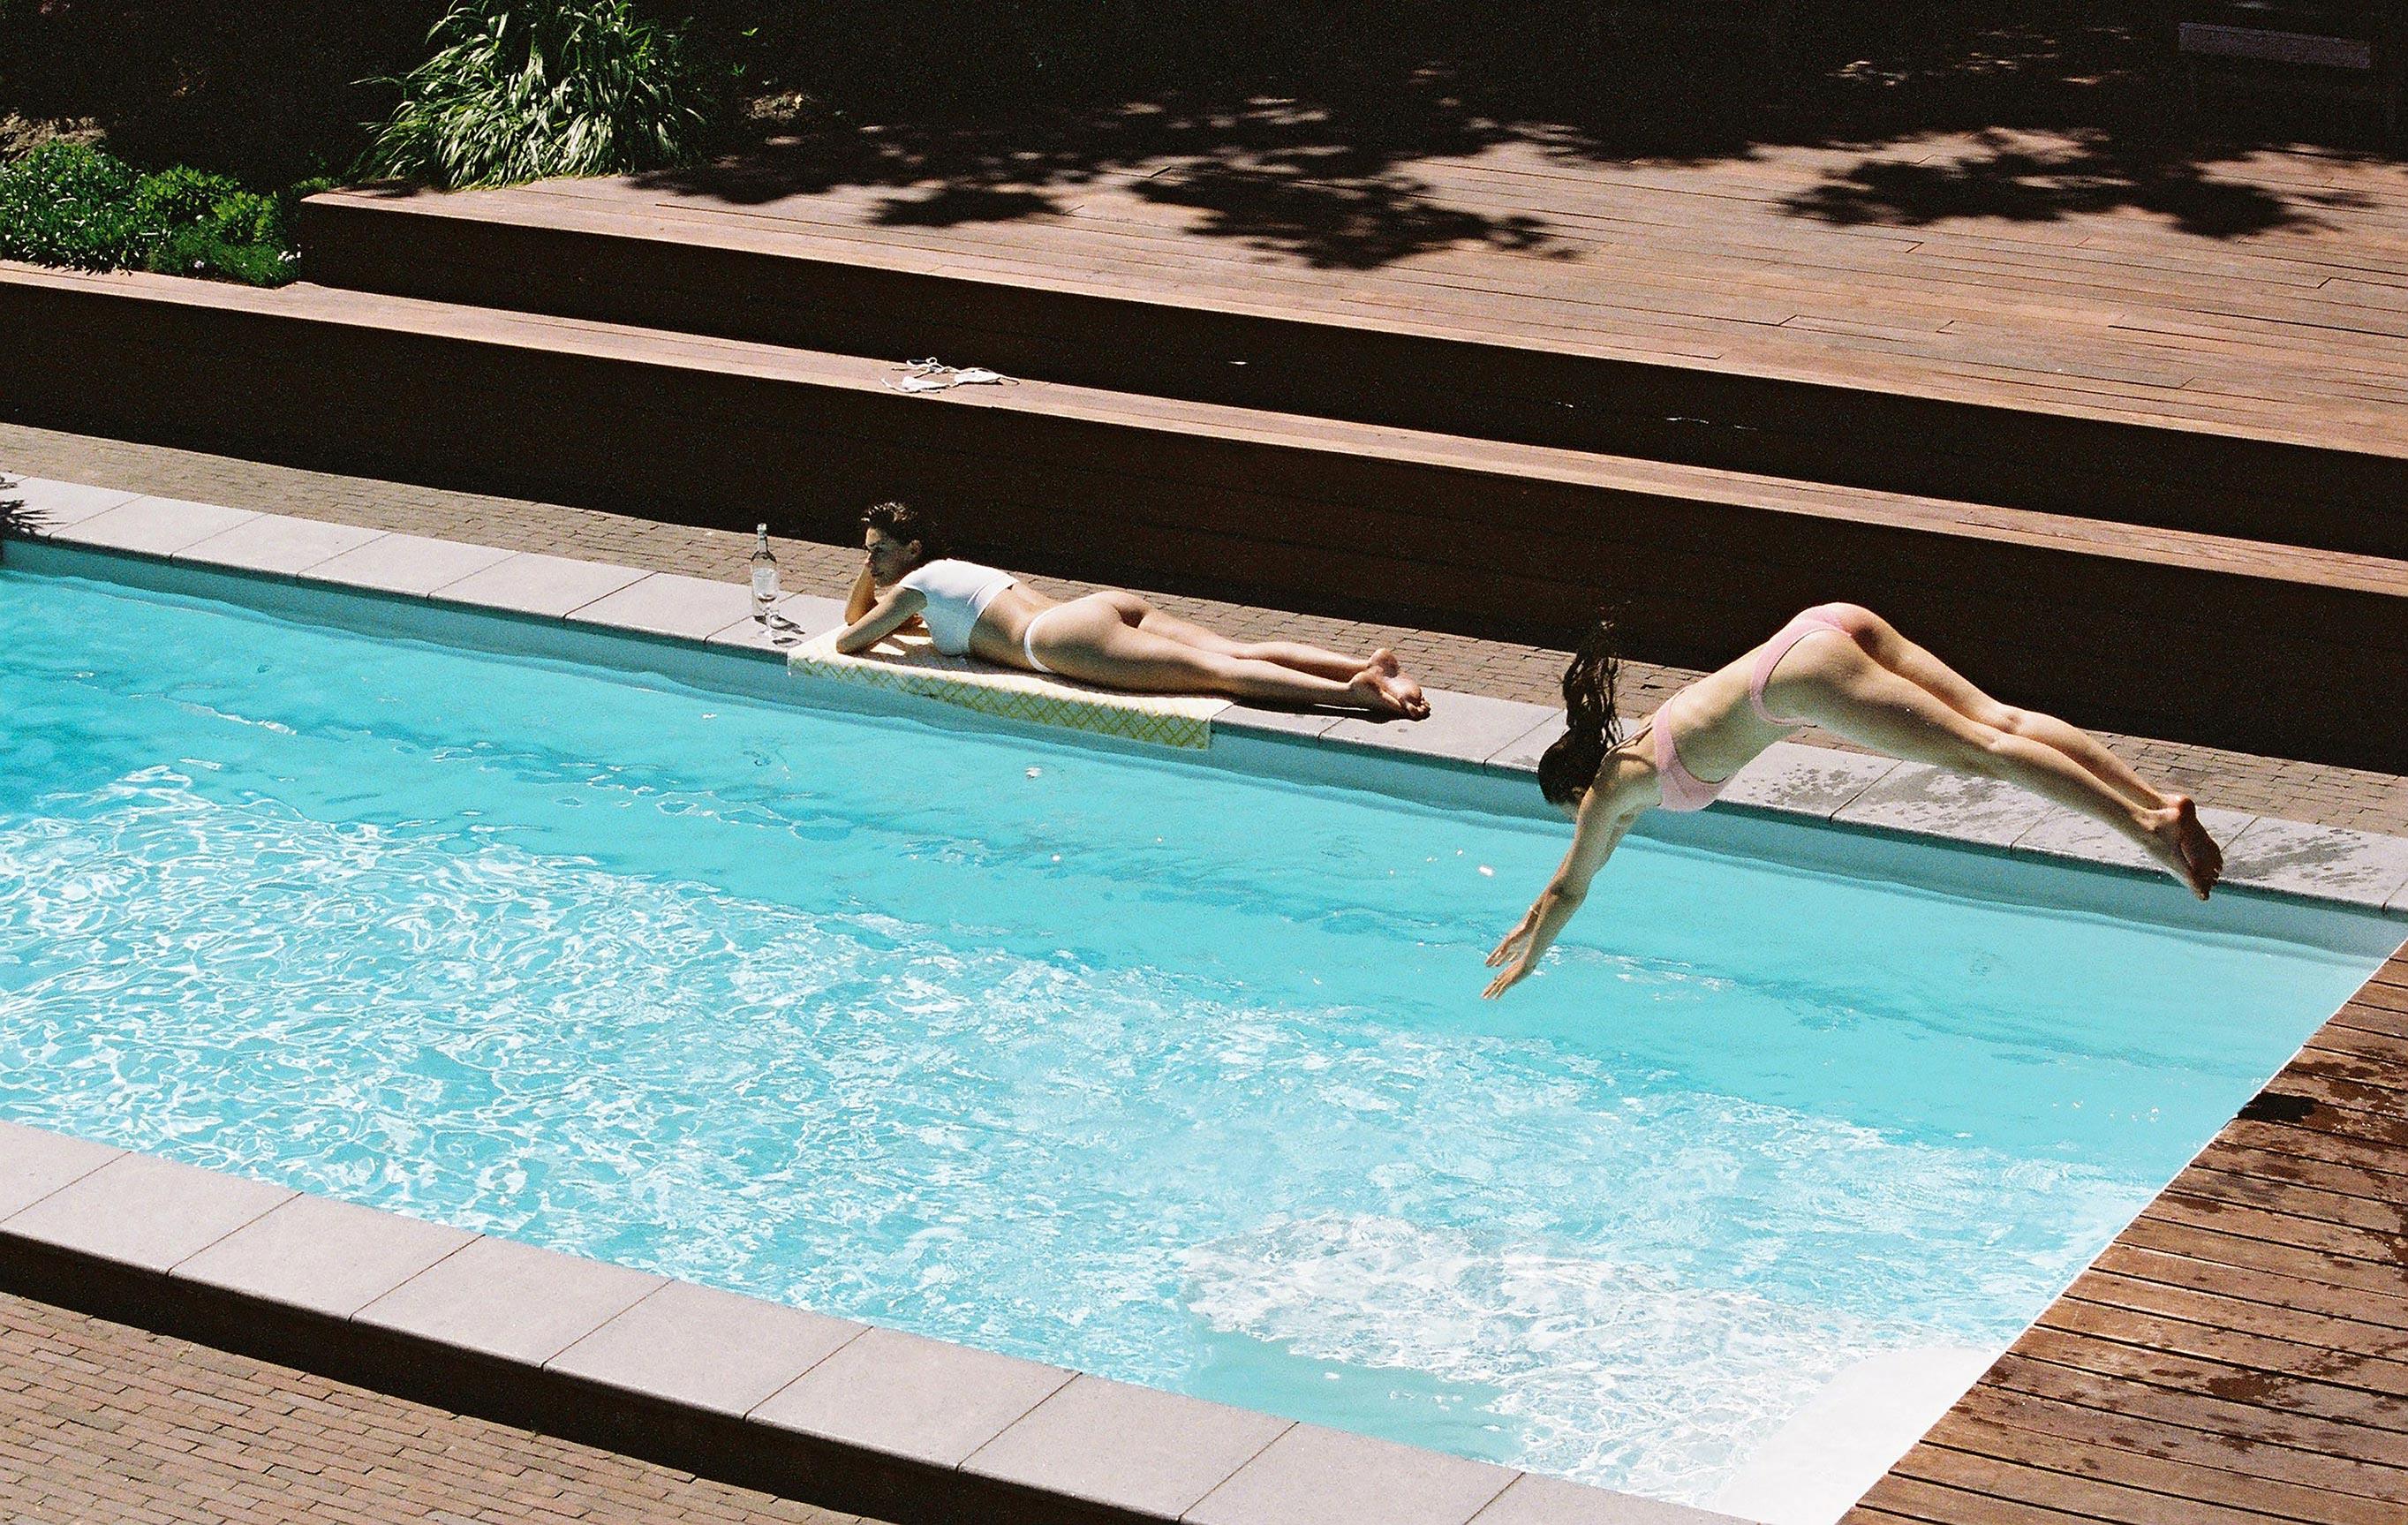 Челси и Талисса отдыхают на вилле с бассейном / фото 01